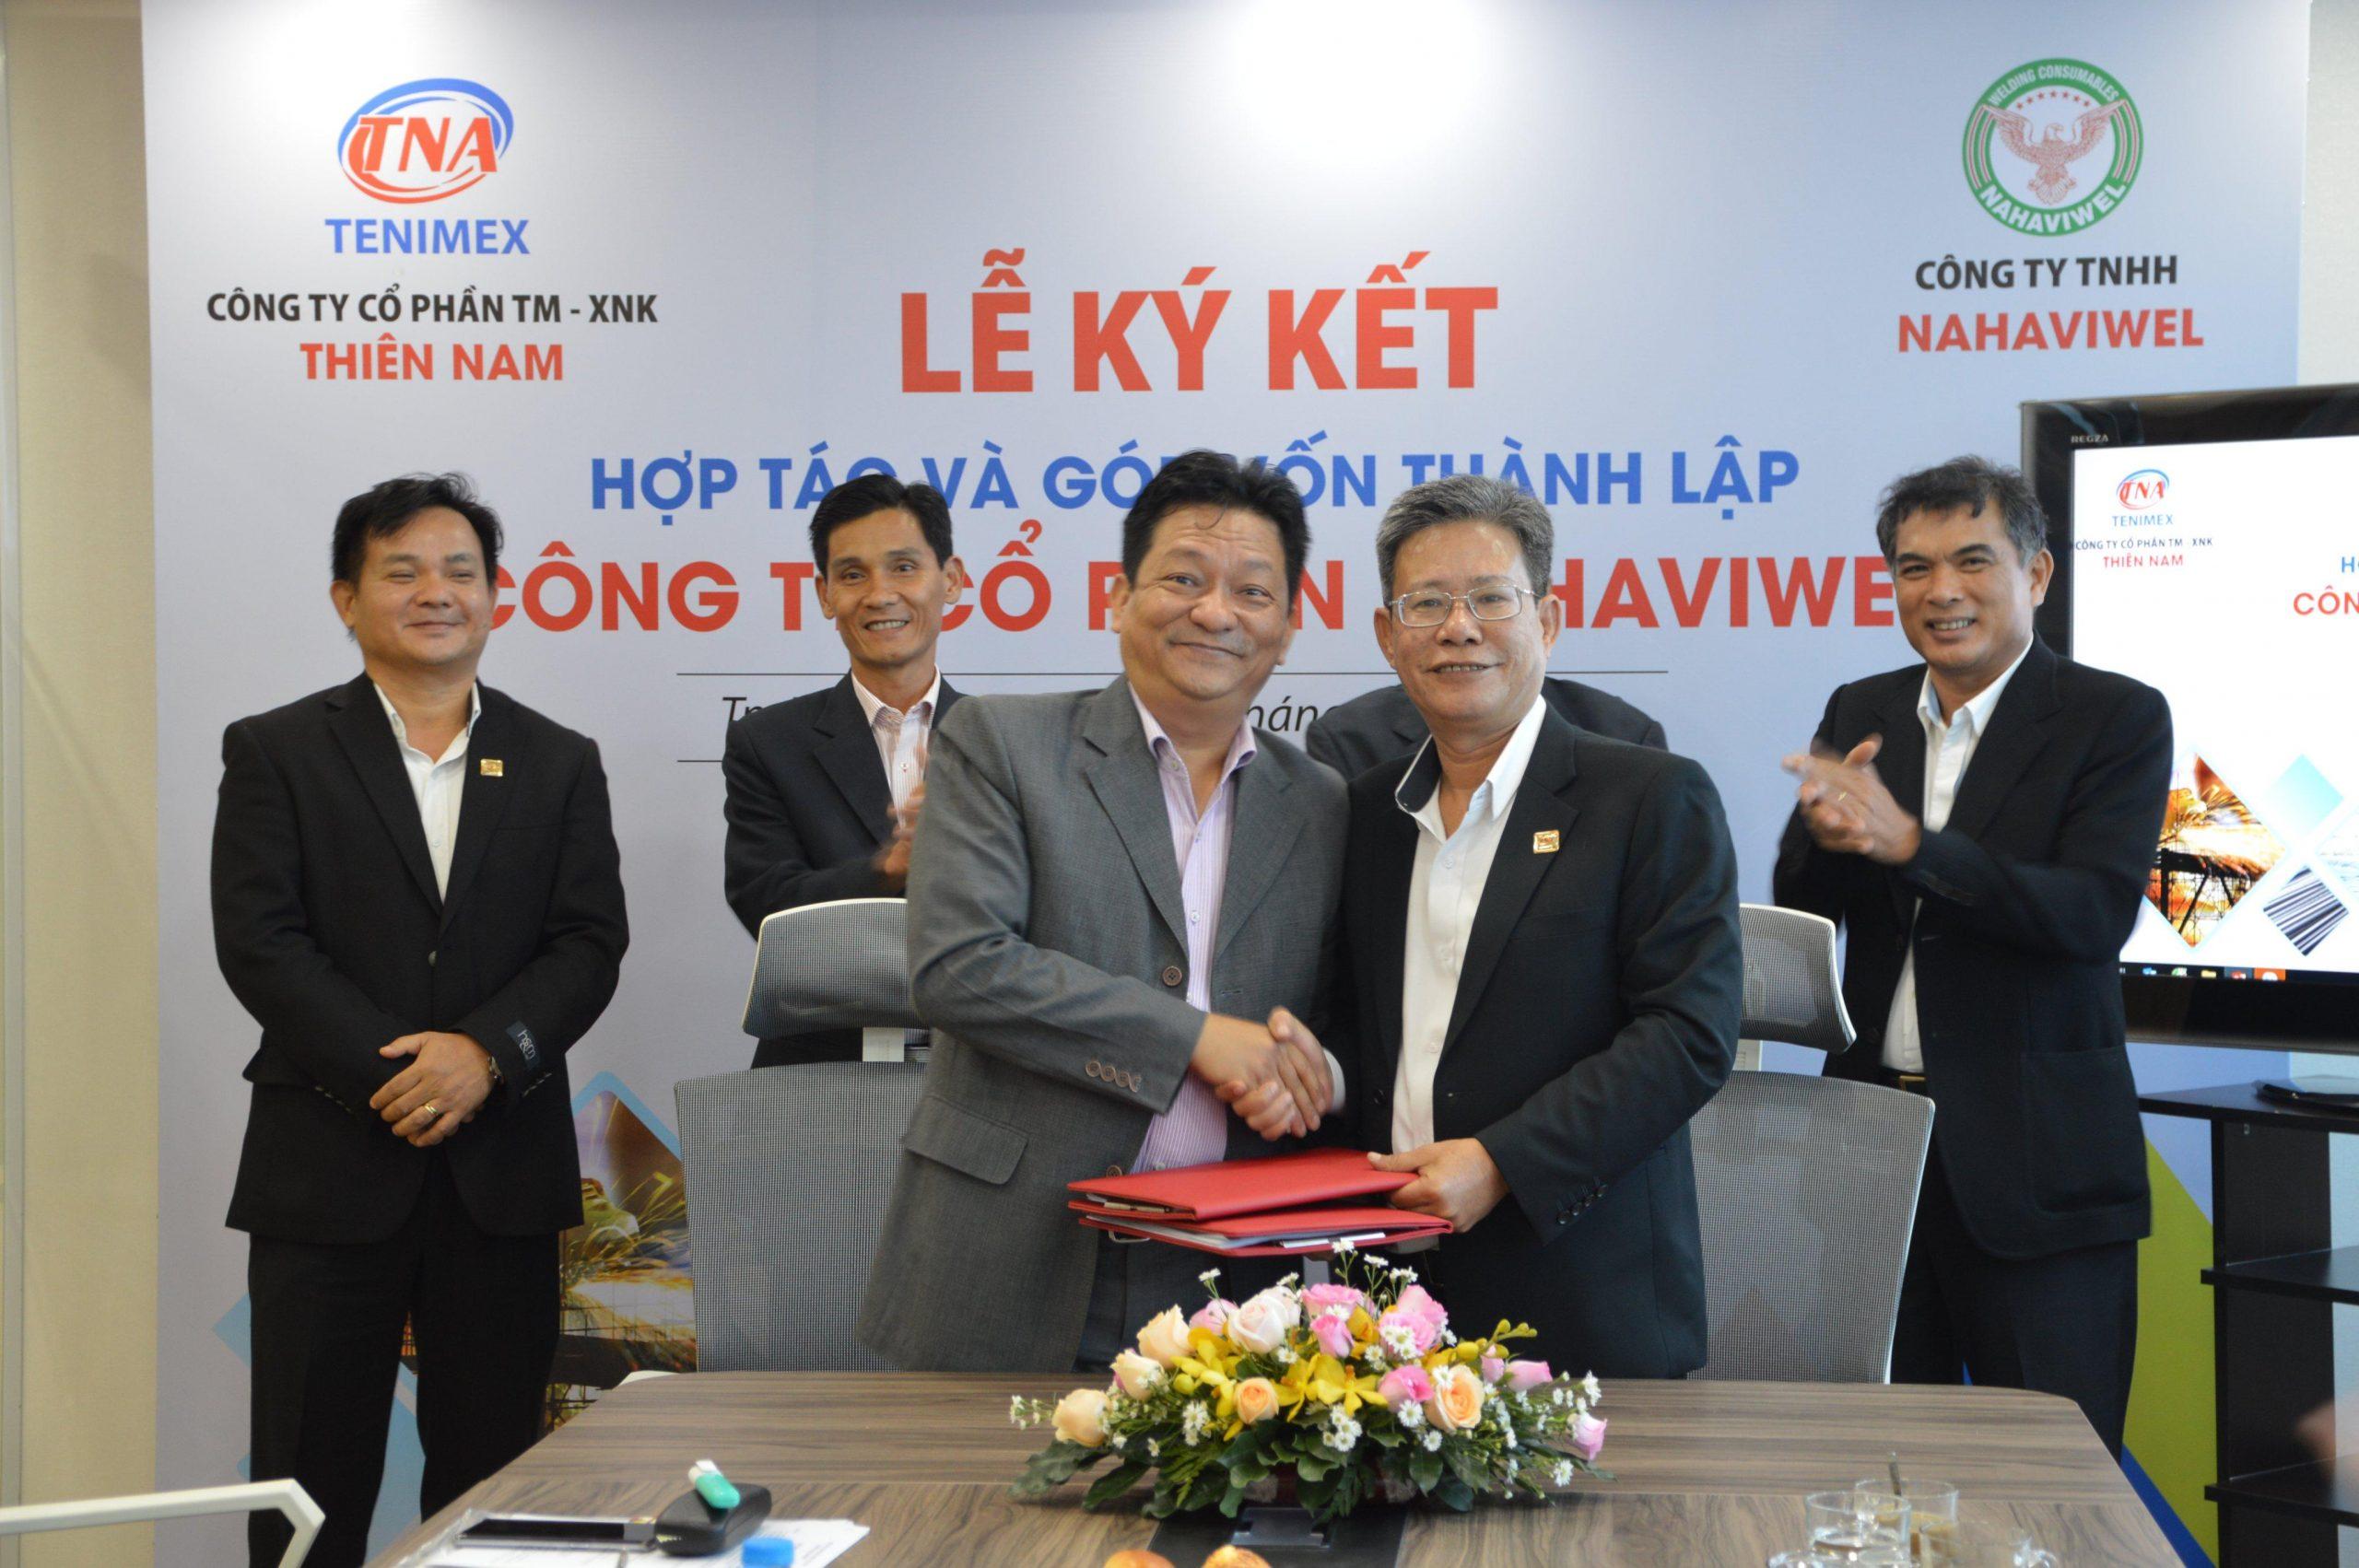 Thiên Nam Và Nahaviwel Ký Kết Hợp Tác Khai Thác Thị Trường Vật Liệu Hàn